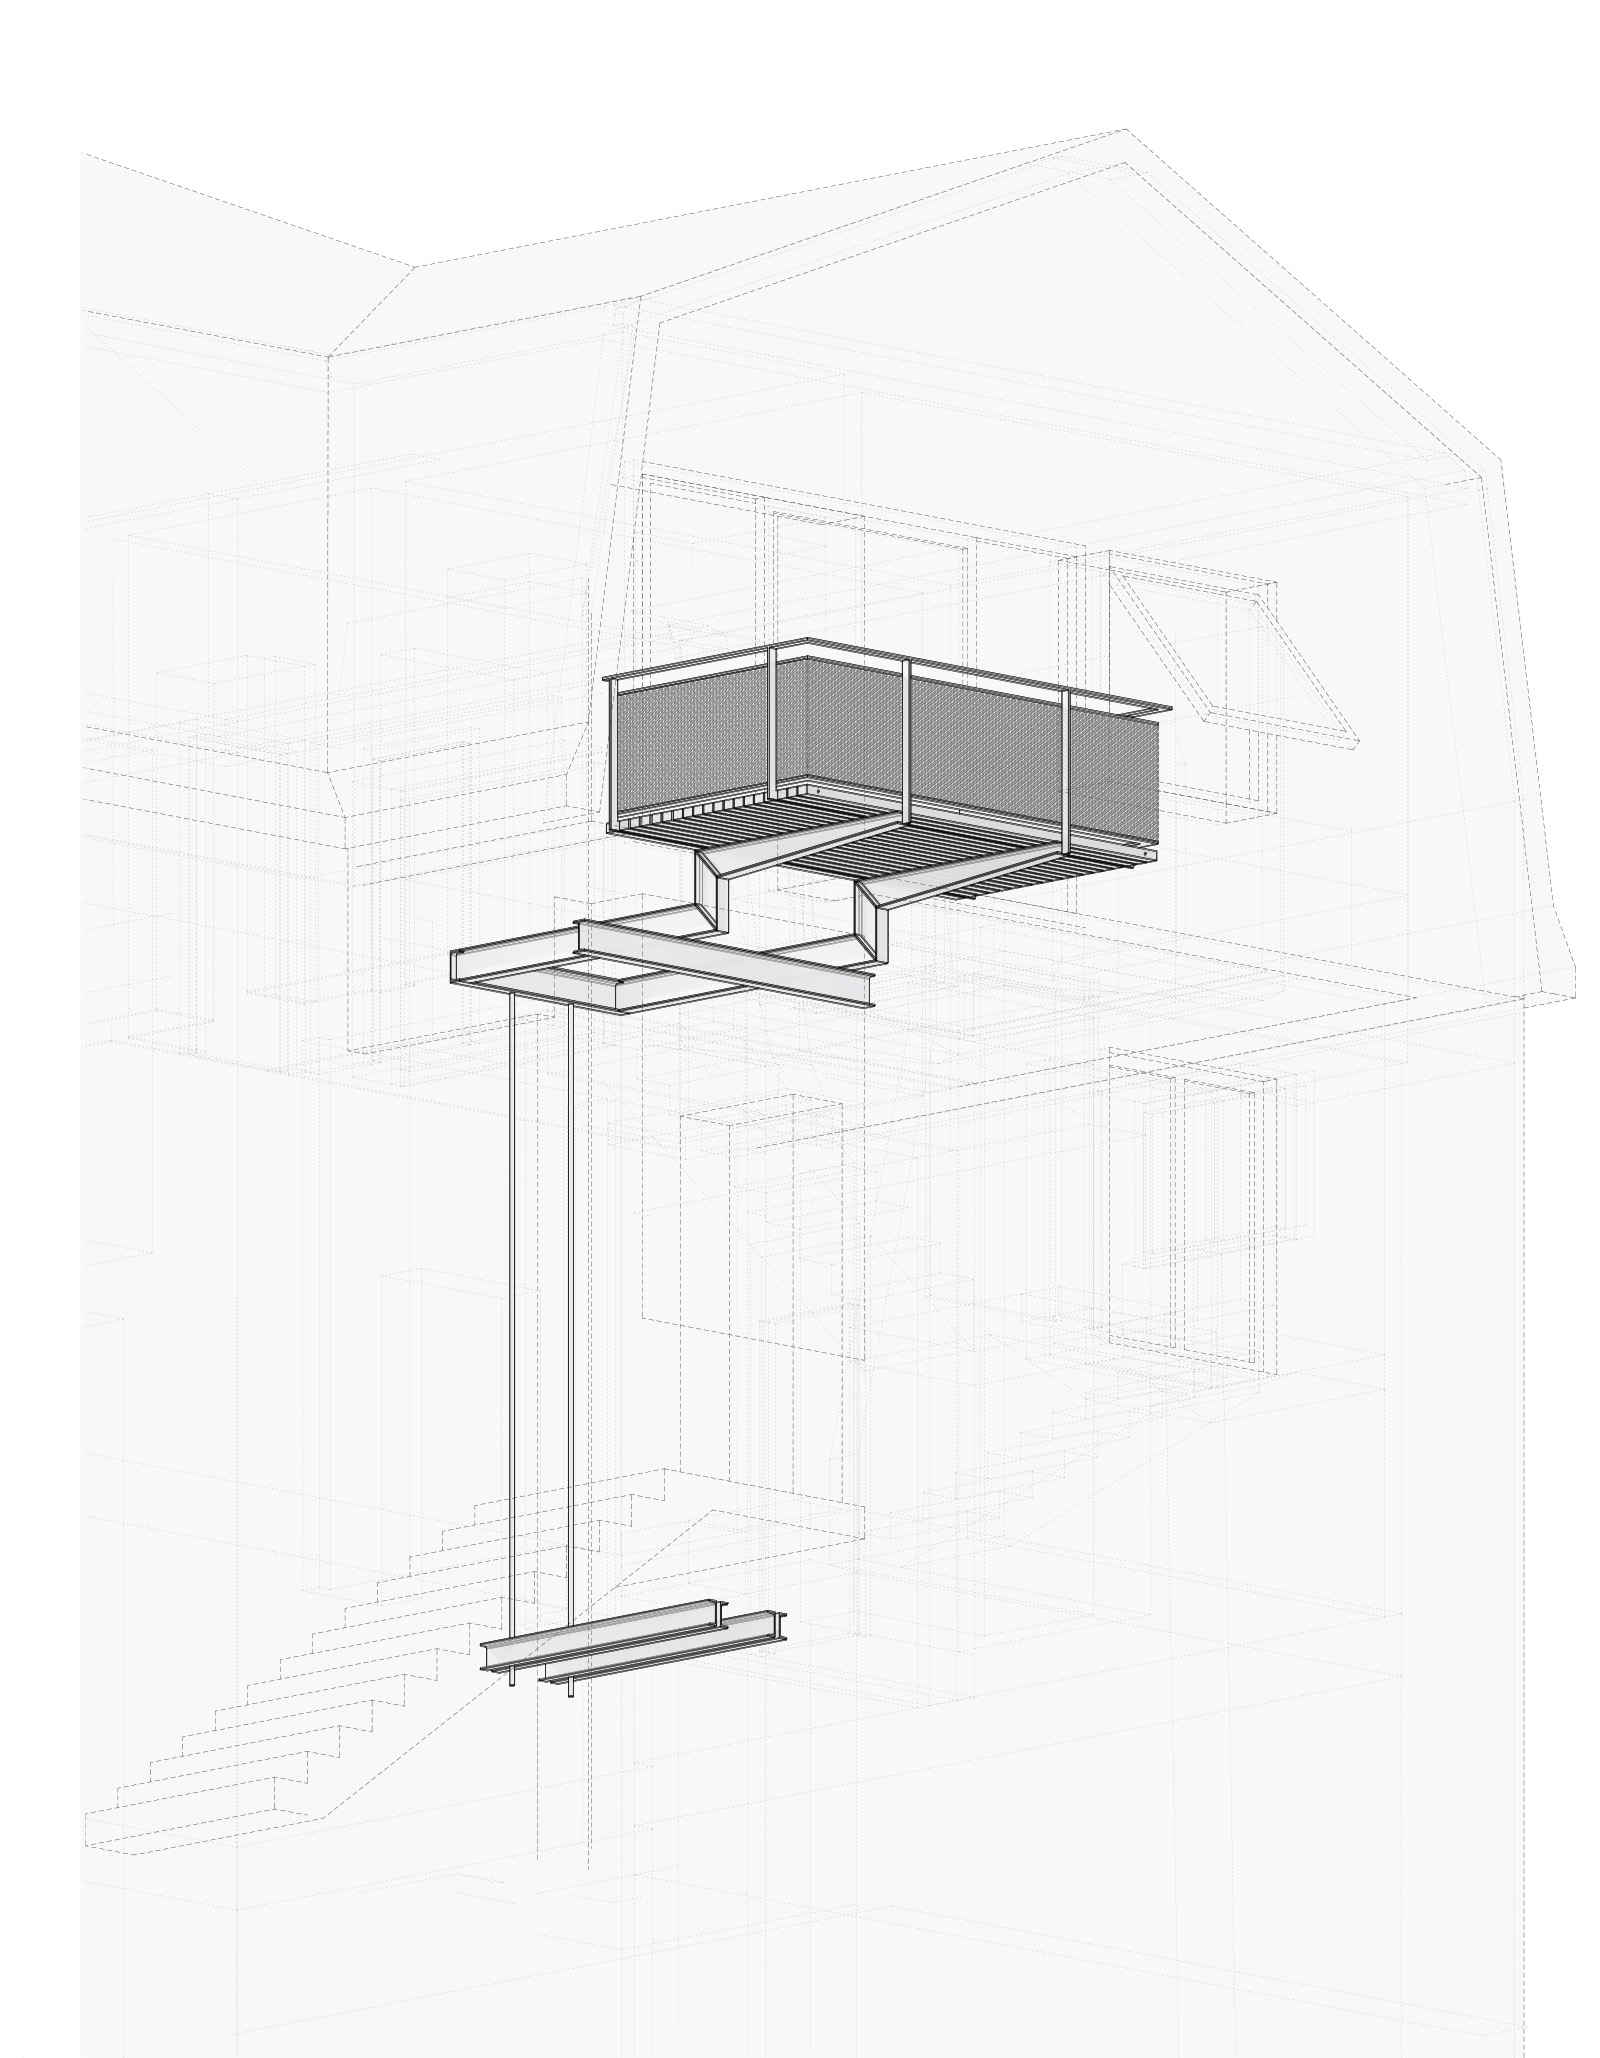 Maki-Ortner-3und20-Zeichnung-01-1600.jpg